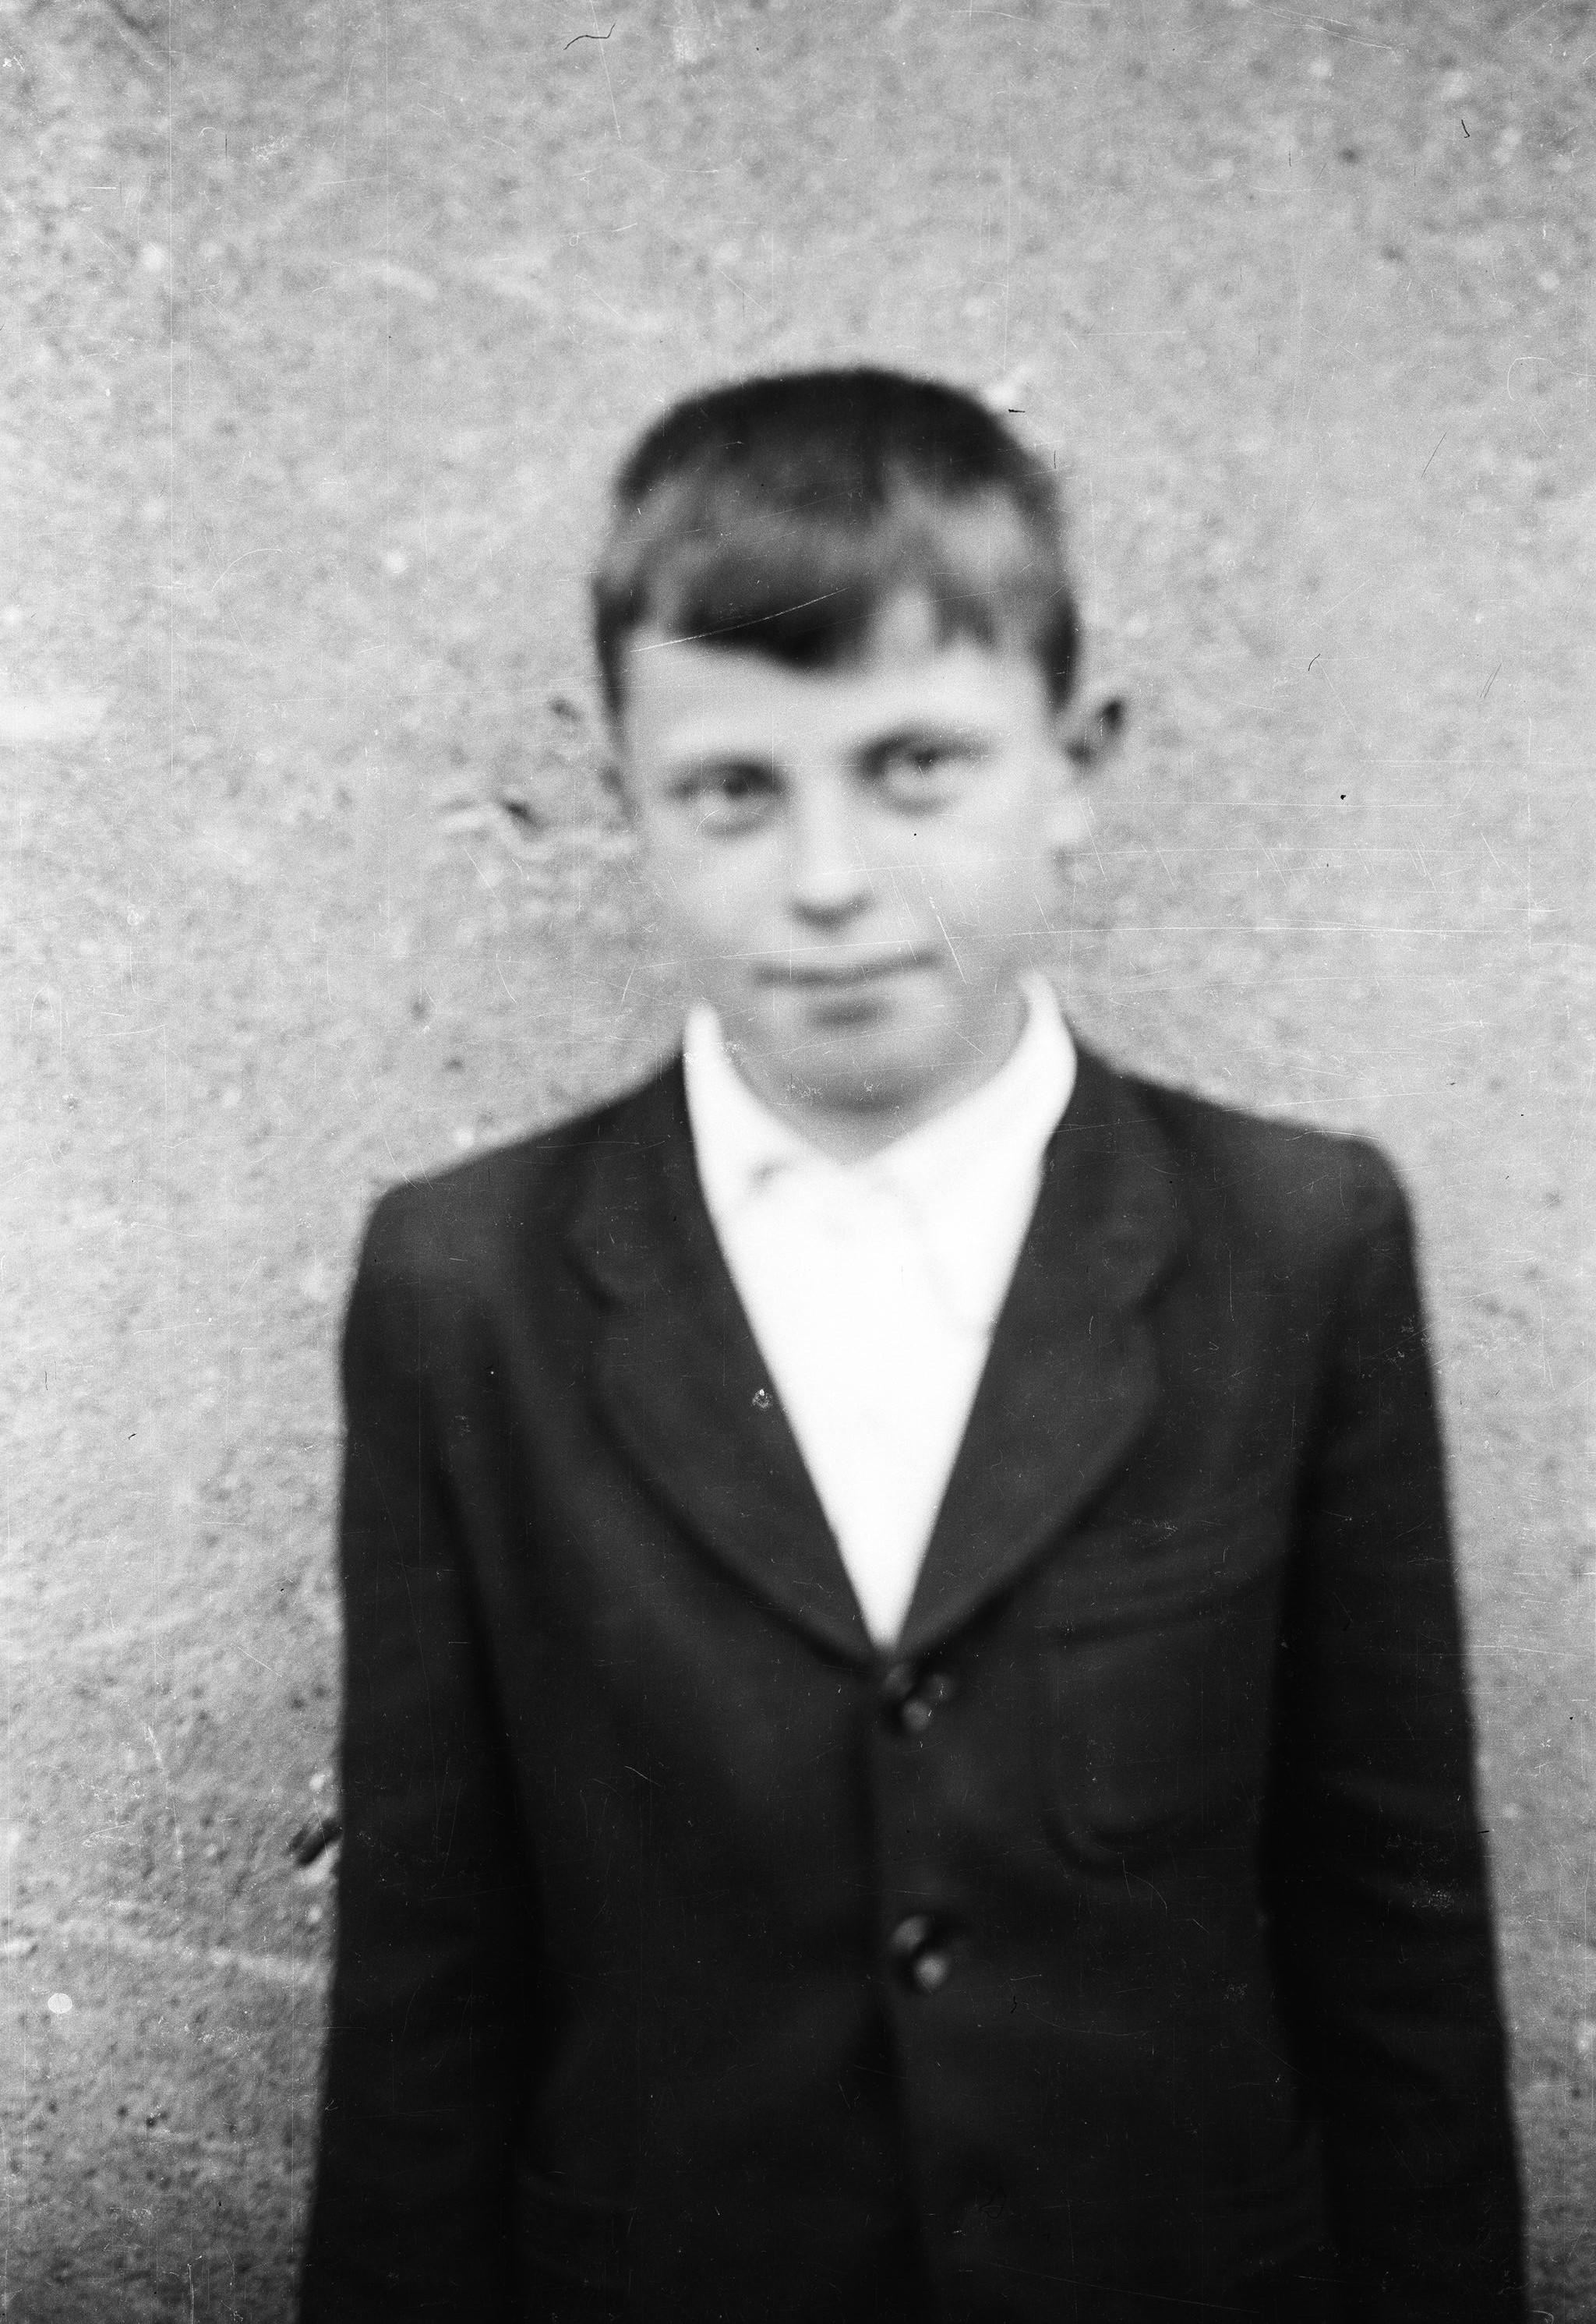 Portret chłopca, Dolny Śląsk, 2. poł. XX w.